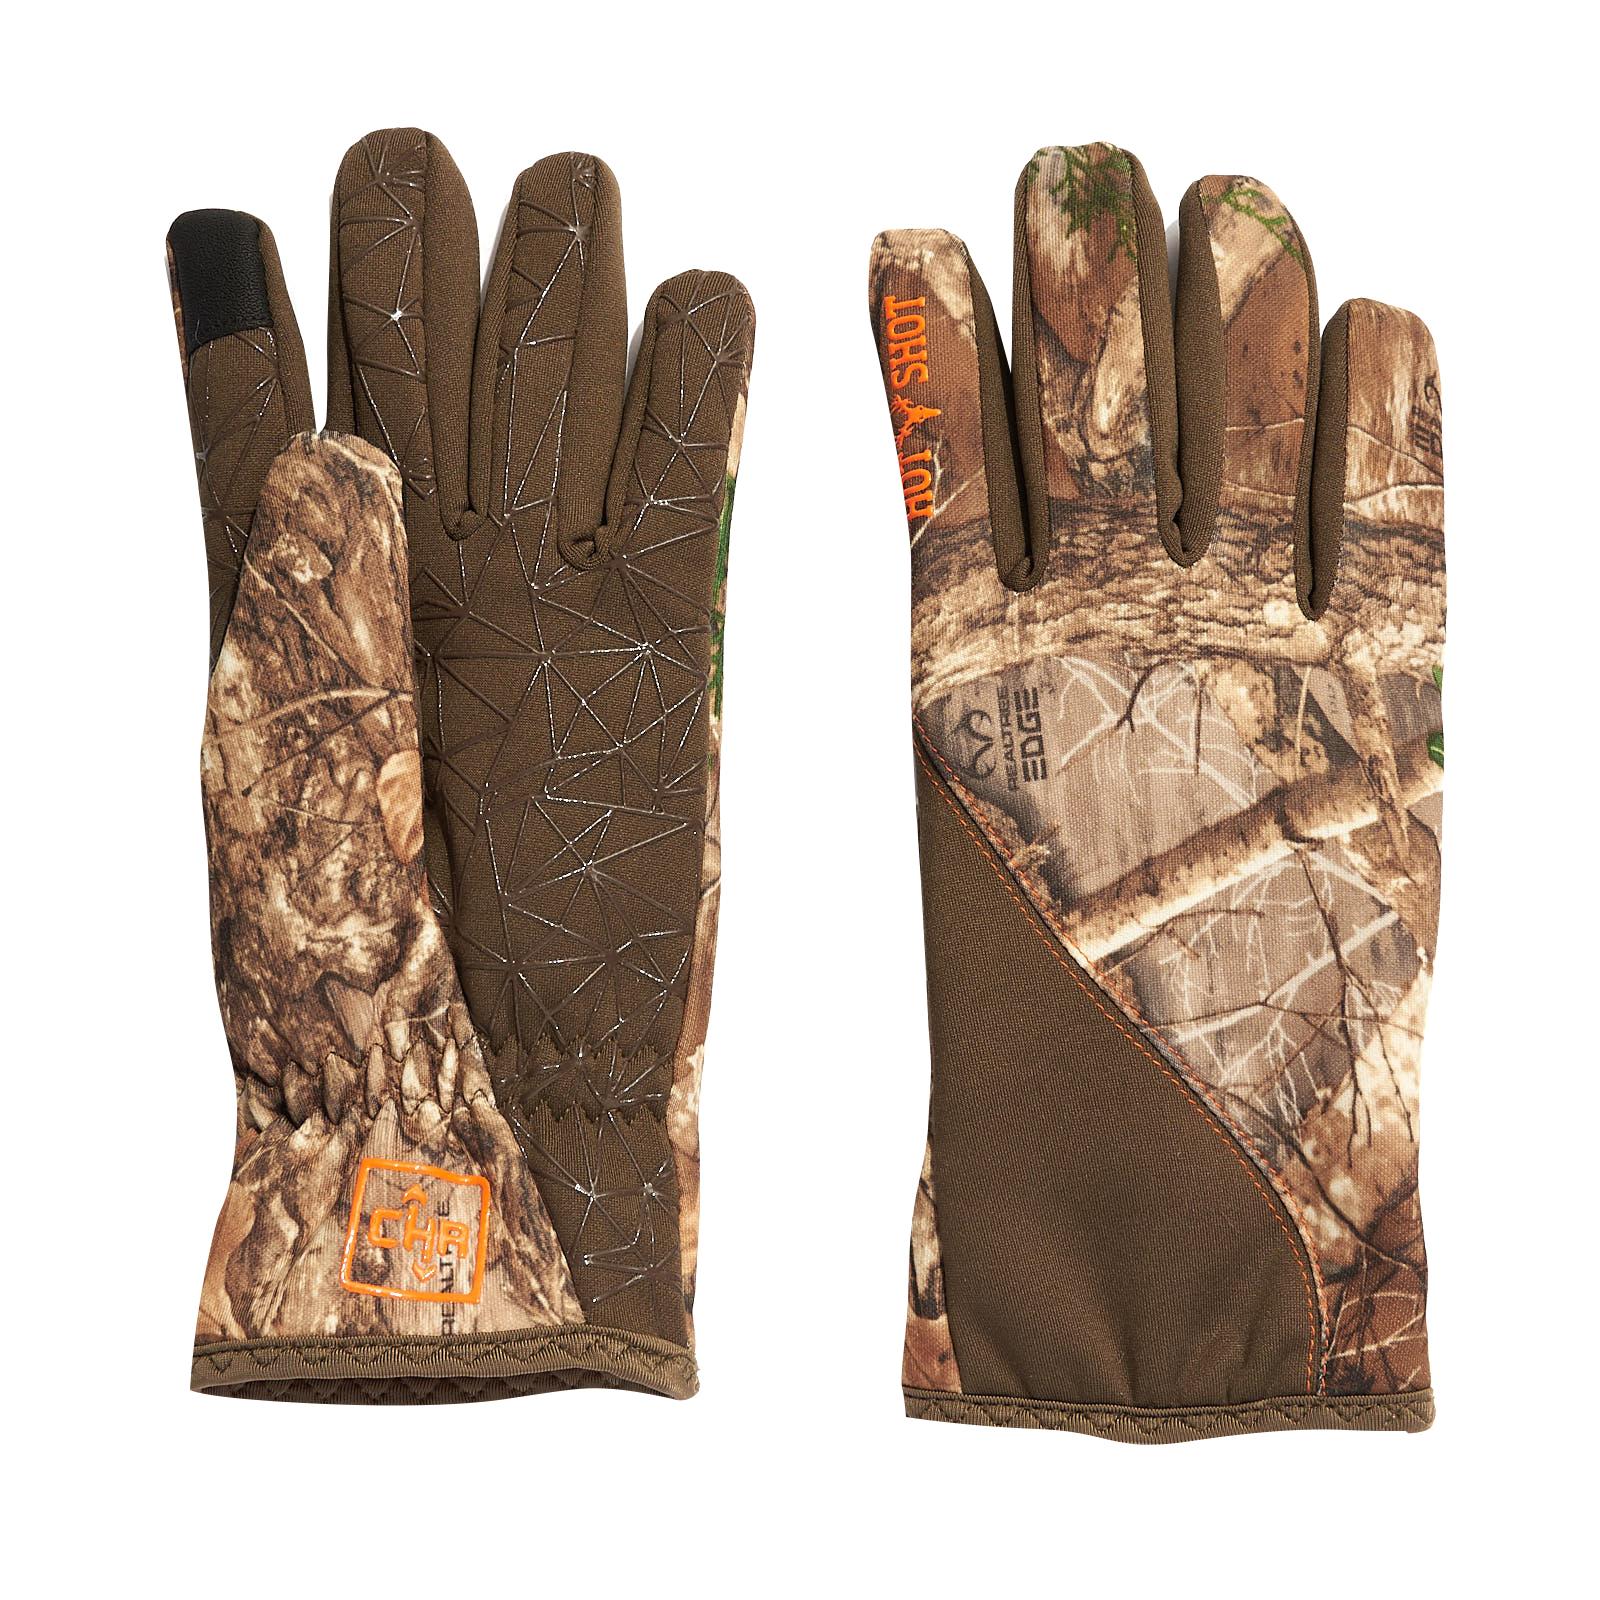 Hot Shot Women's Pathfinder ThermalCHR Touch Glove